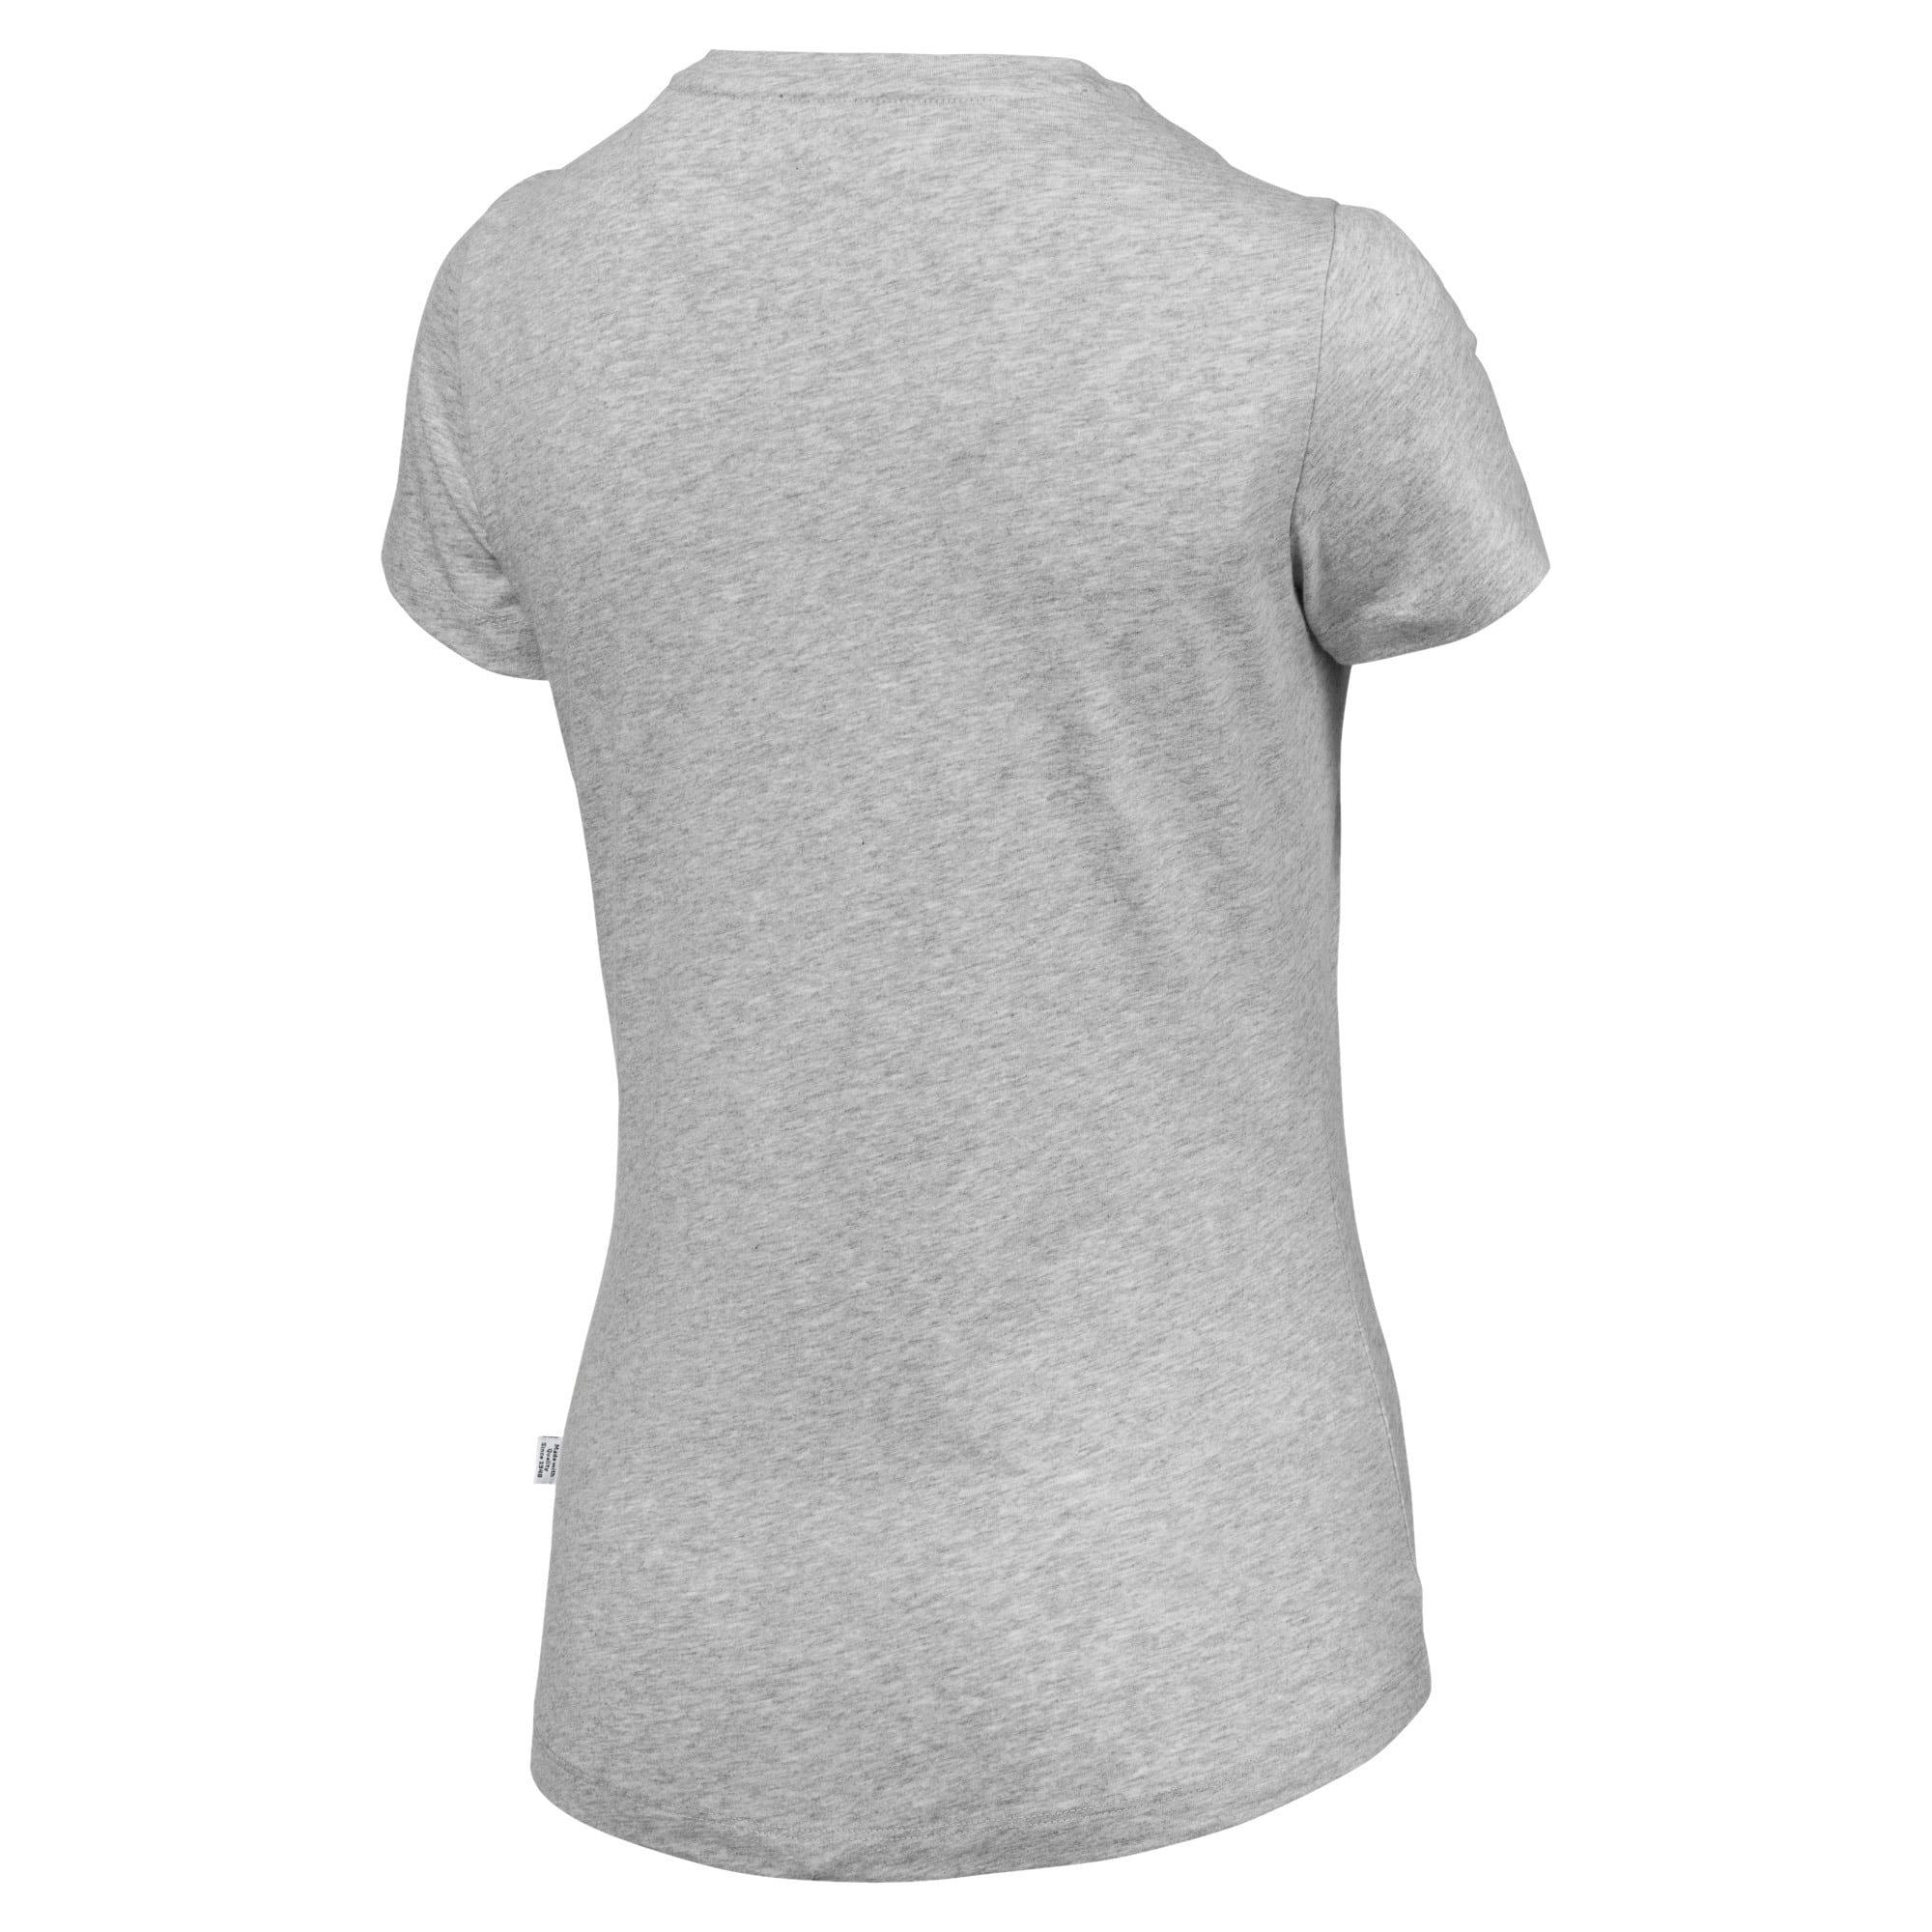 Thumbnail 5 of Essentials Damen T-Shirt, Light Gray Heather, medium